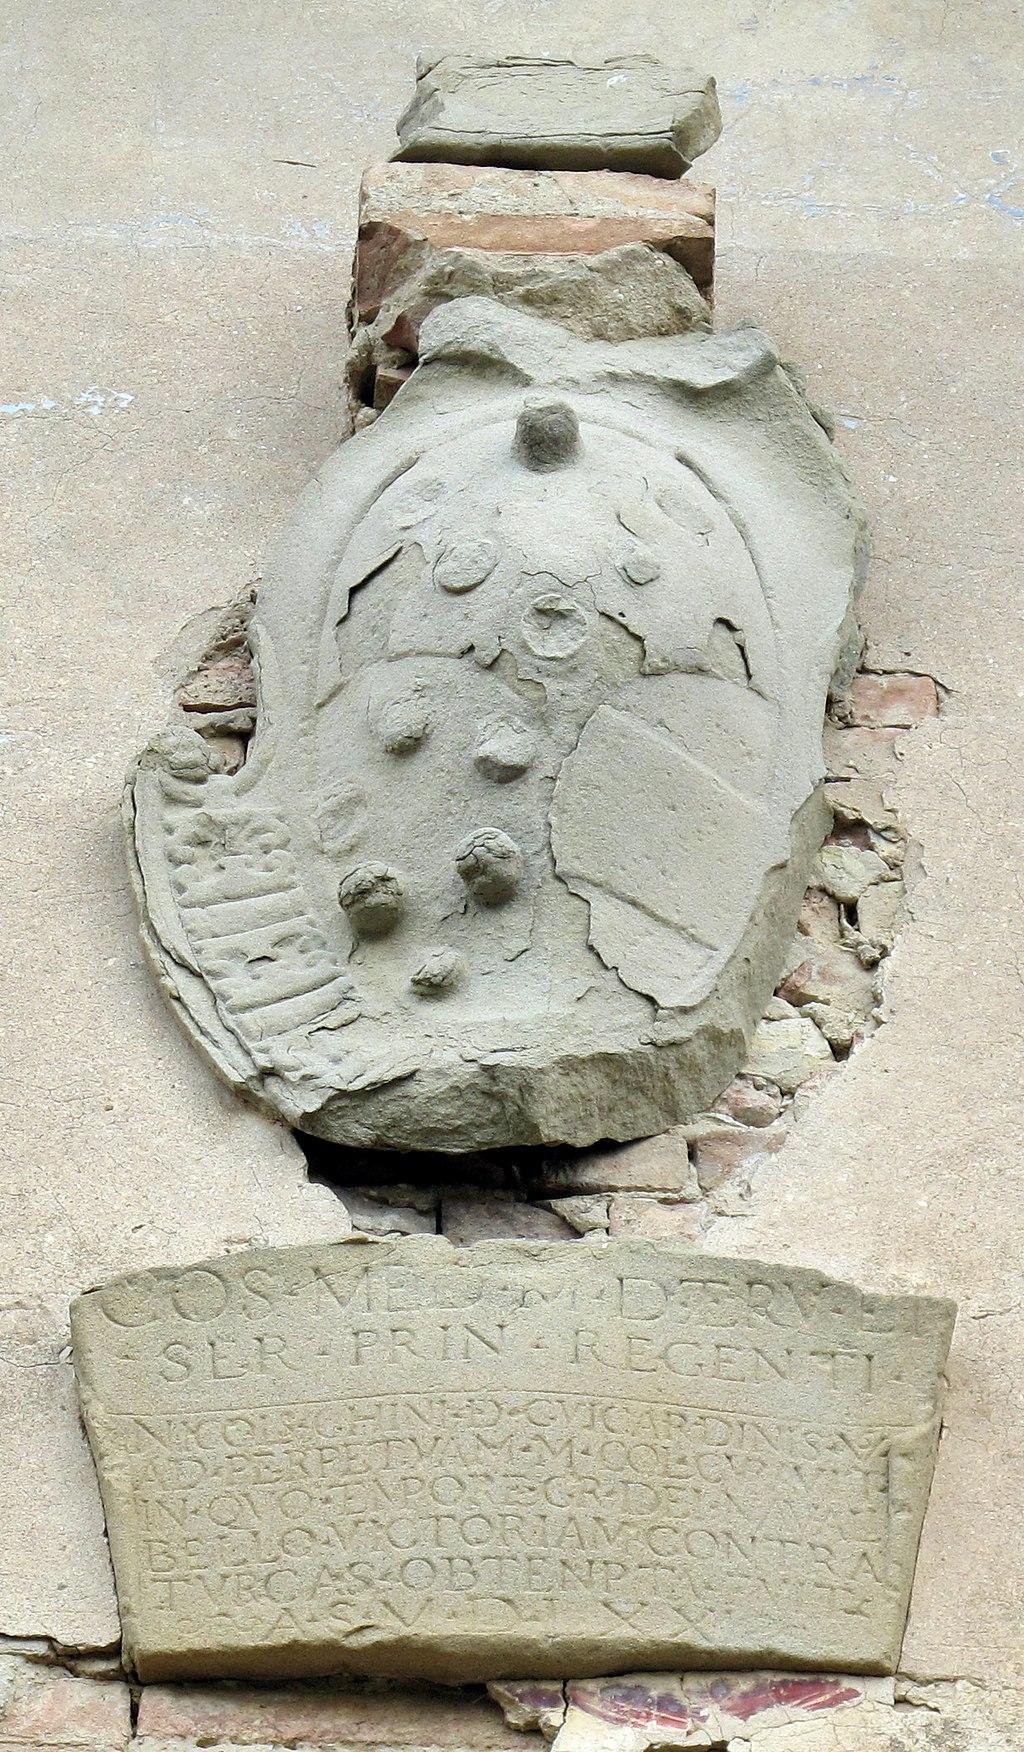 Certaldo Alta, Porta al Sole, stemma medici-austria, di Cosimo I al tempo del matrimonio del figlio Francesco